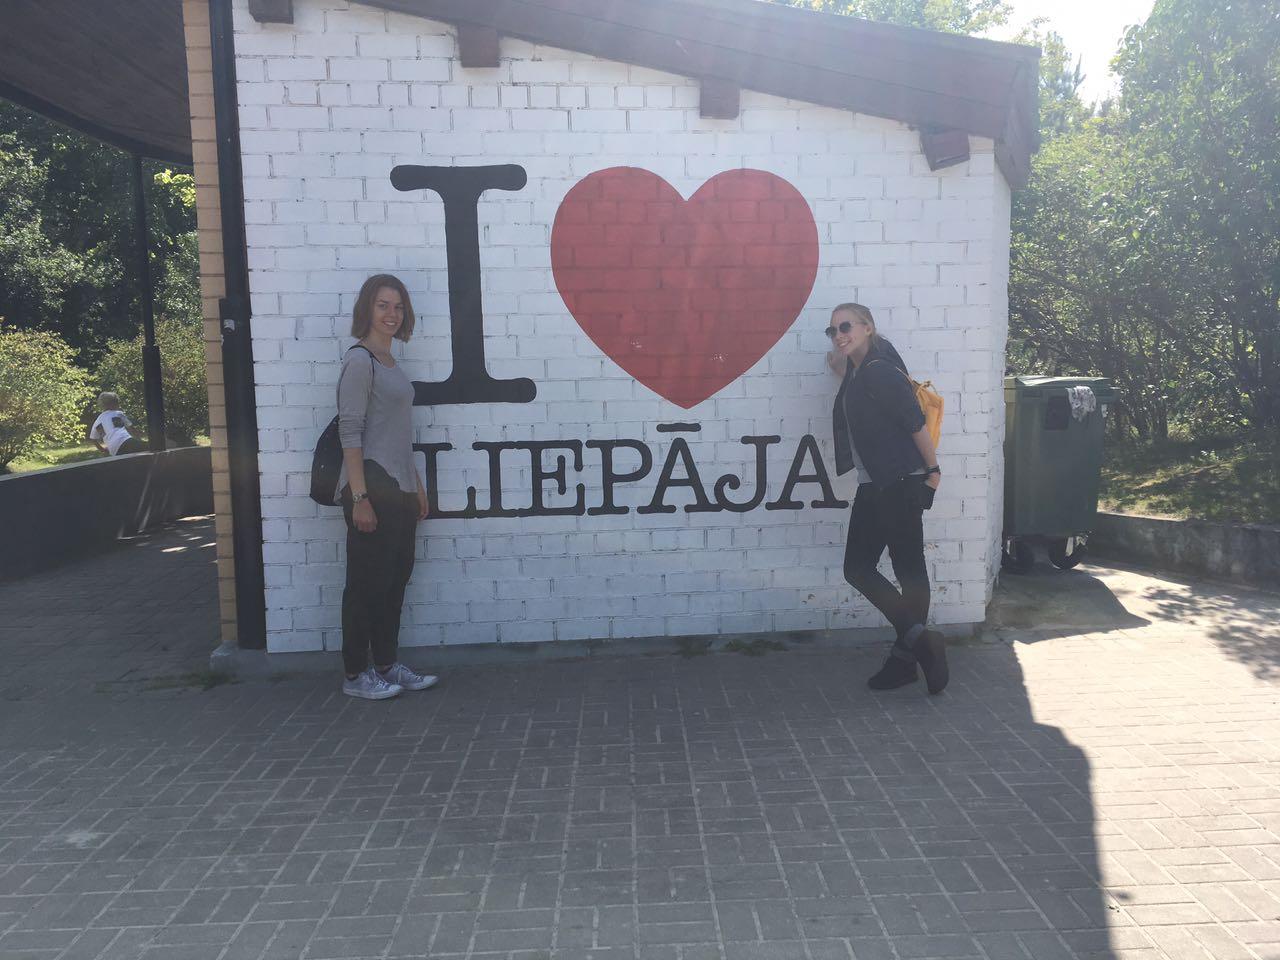 Greta und Josephine in Liepaja